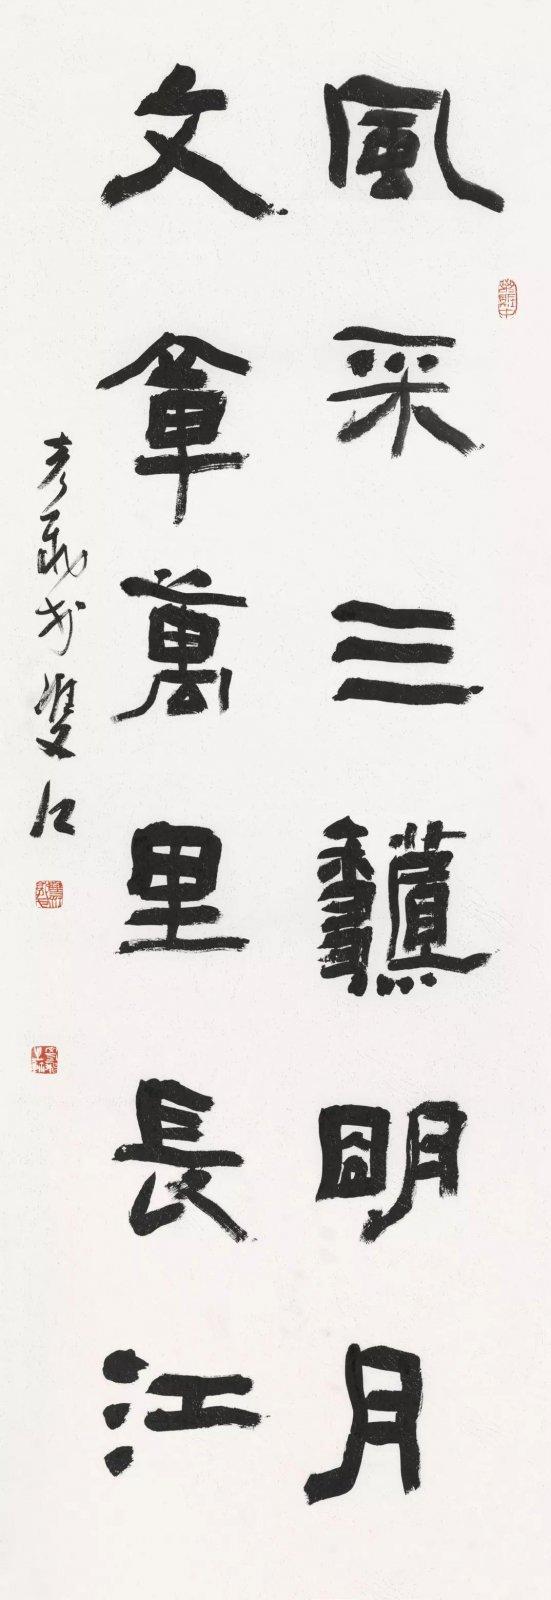 【展讯】艺术进平乐—天府文艺名家采风创作暨艺术培训成果展